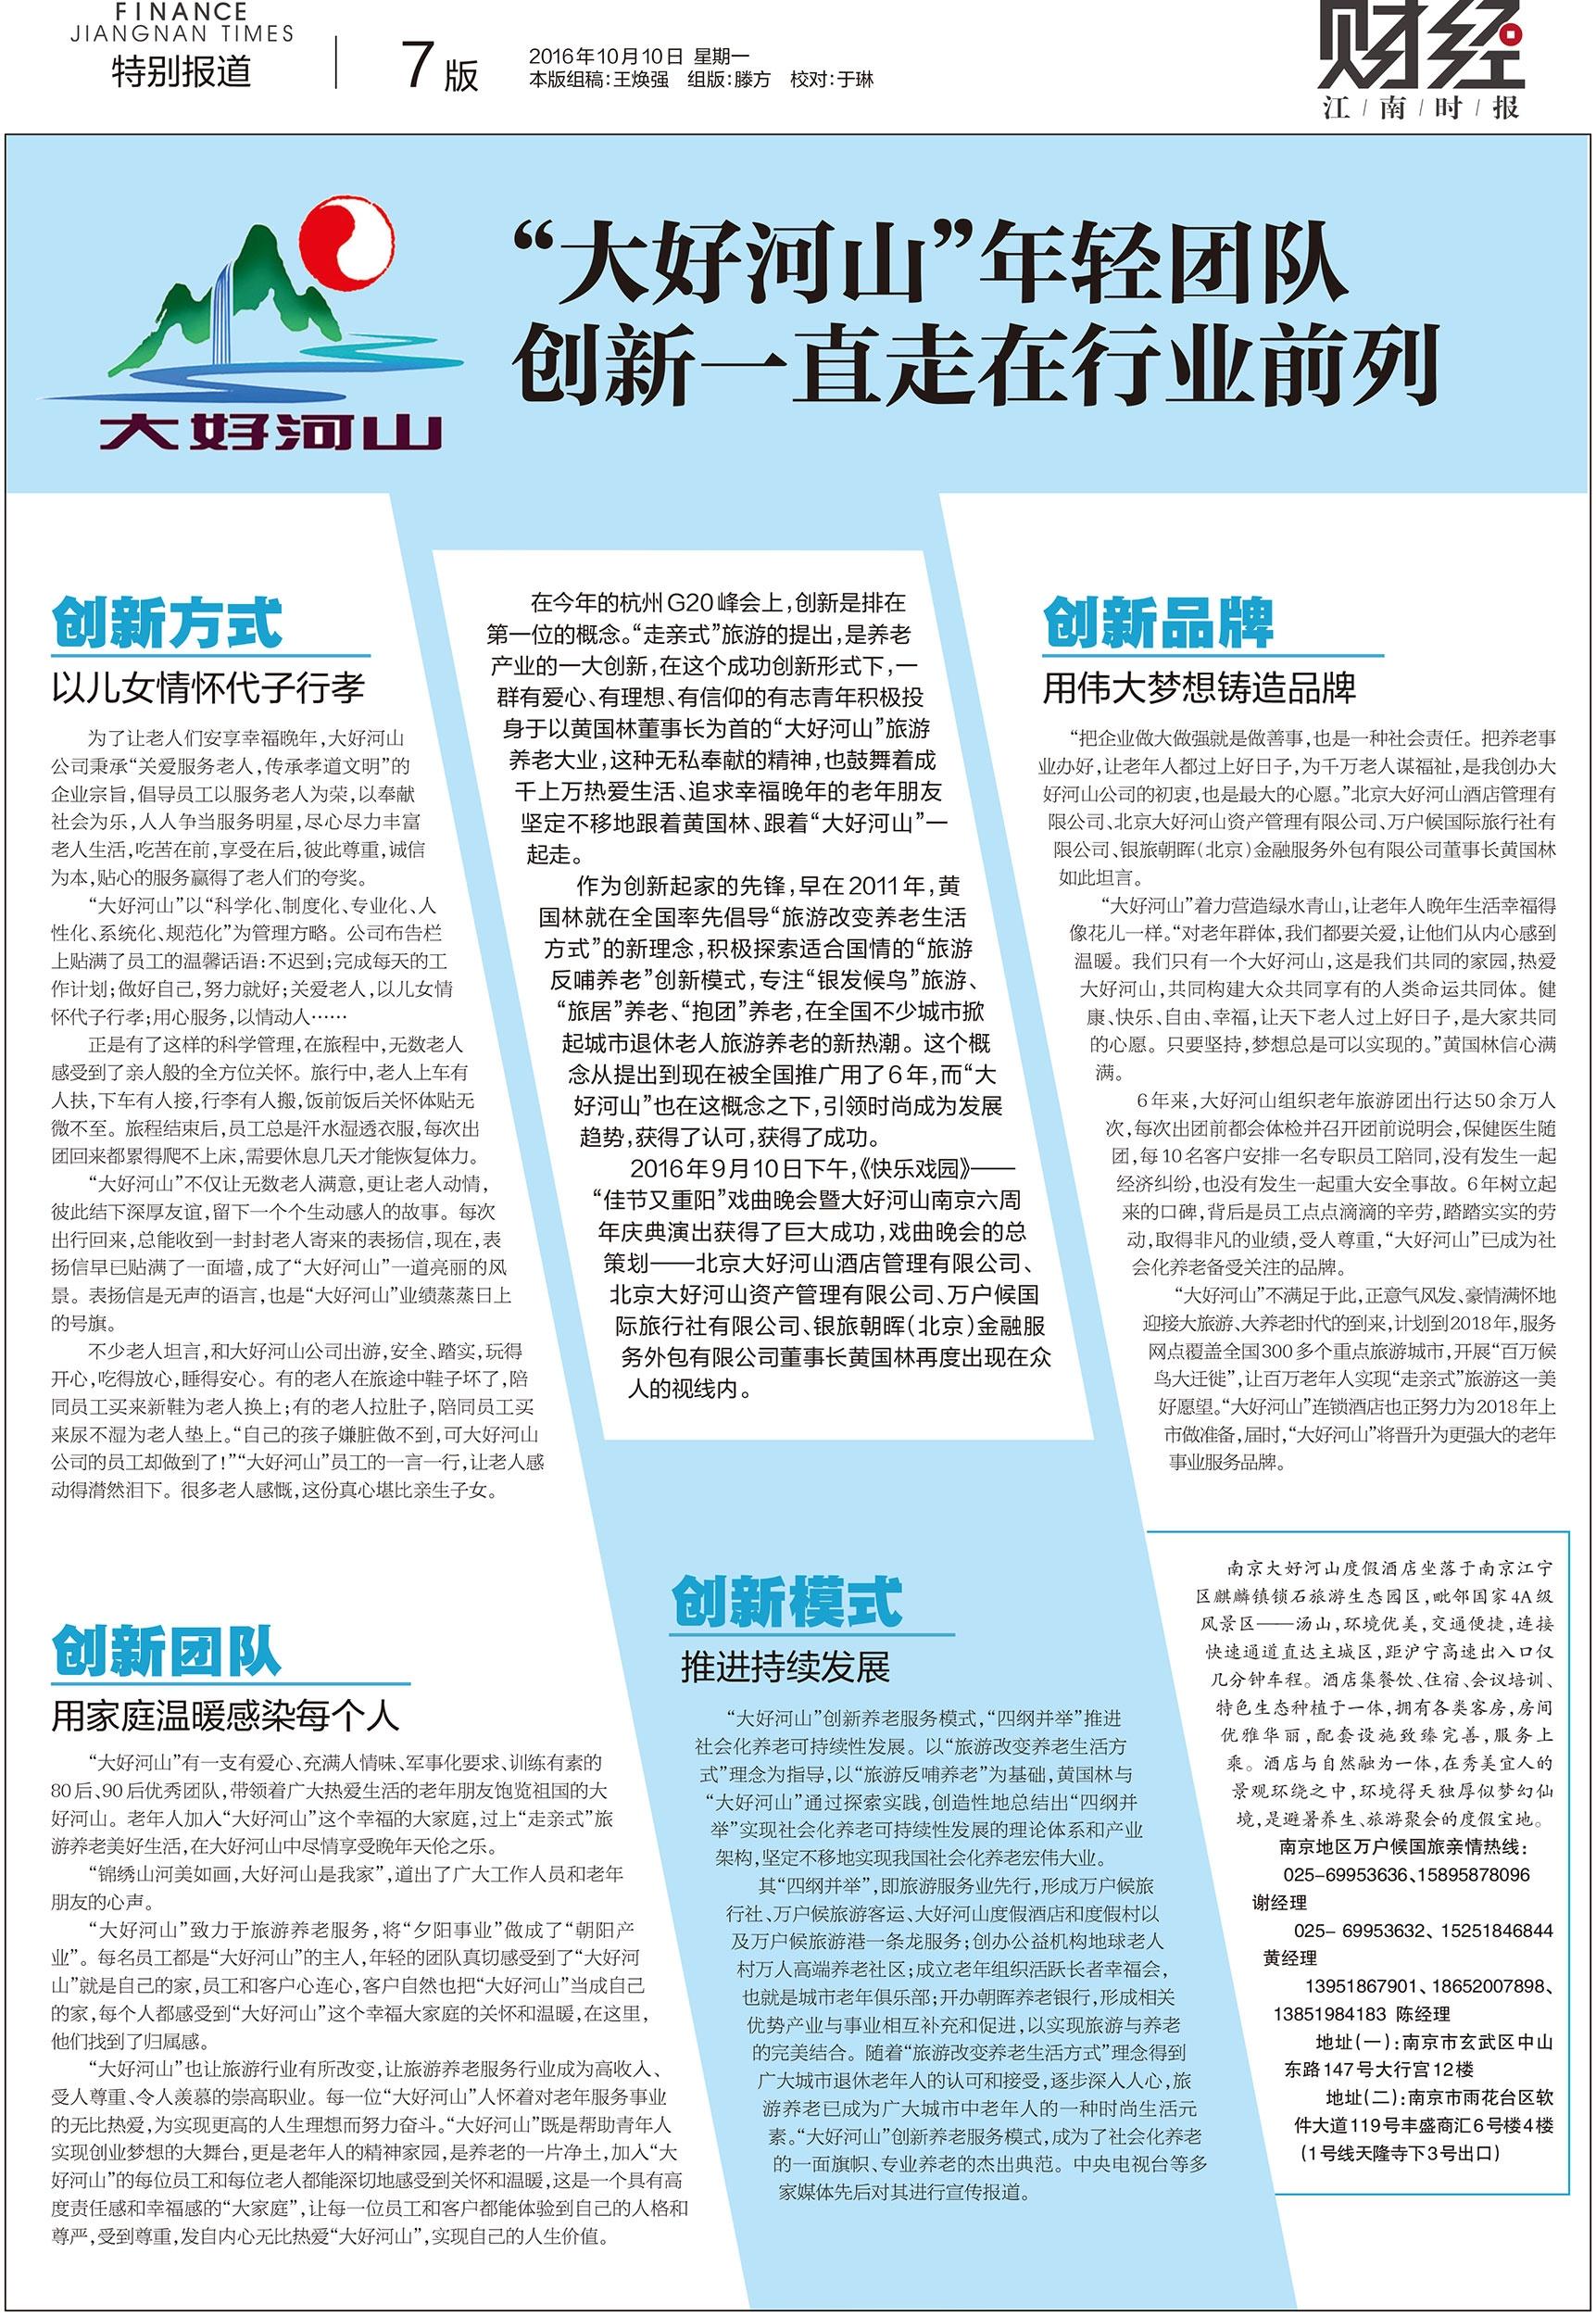 江南时报 2016-10-10 7版